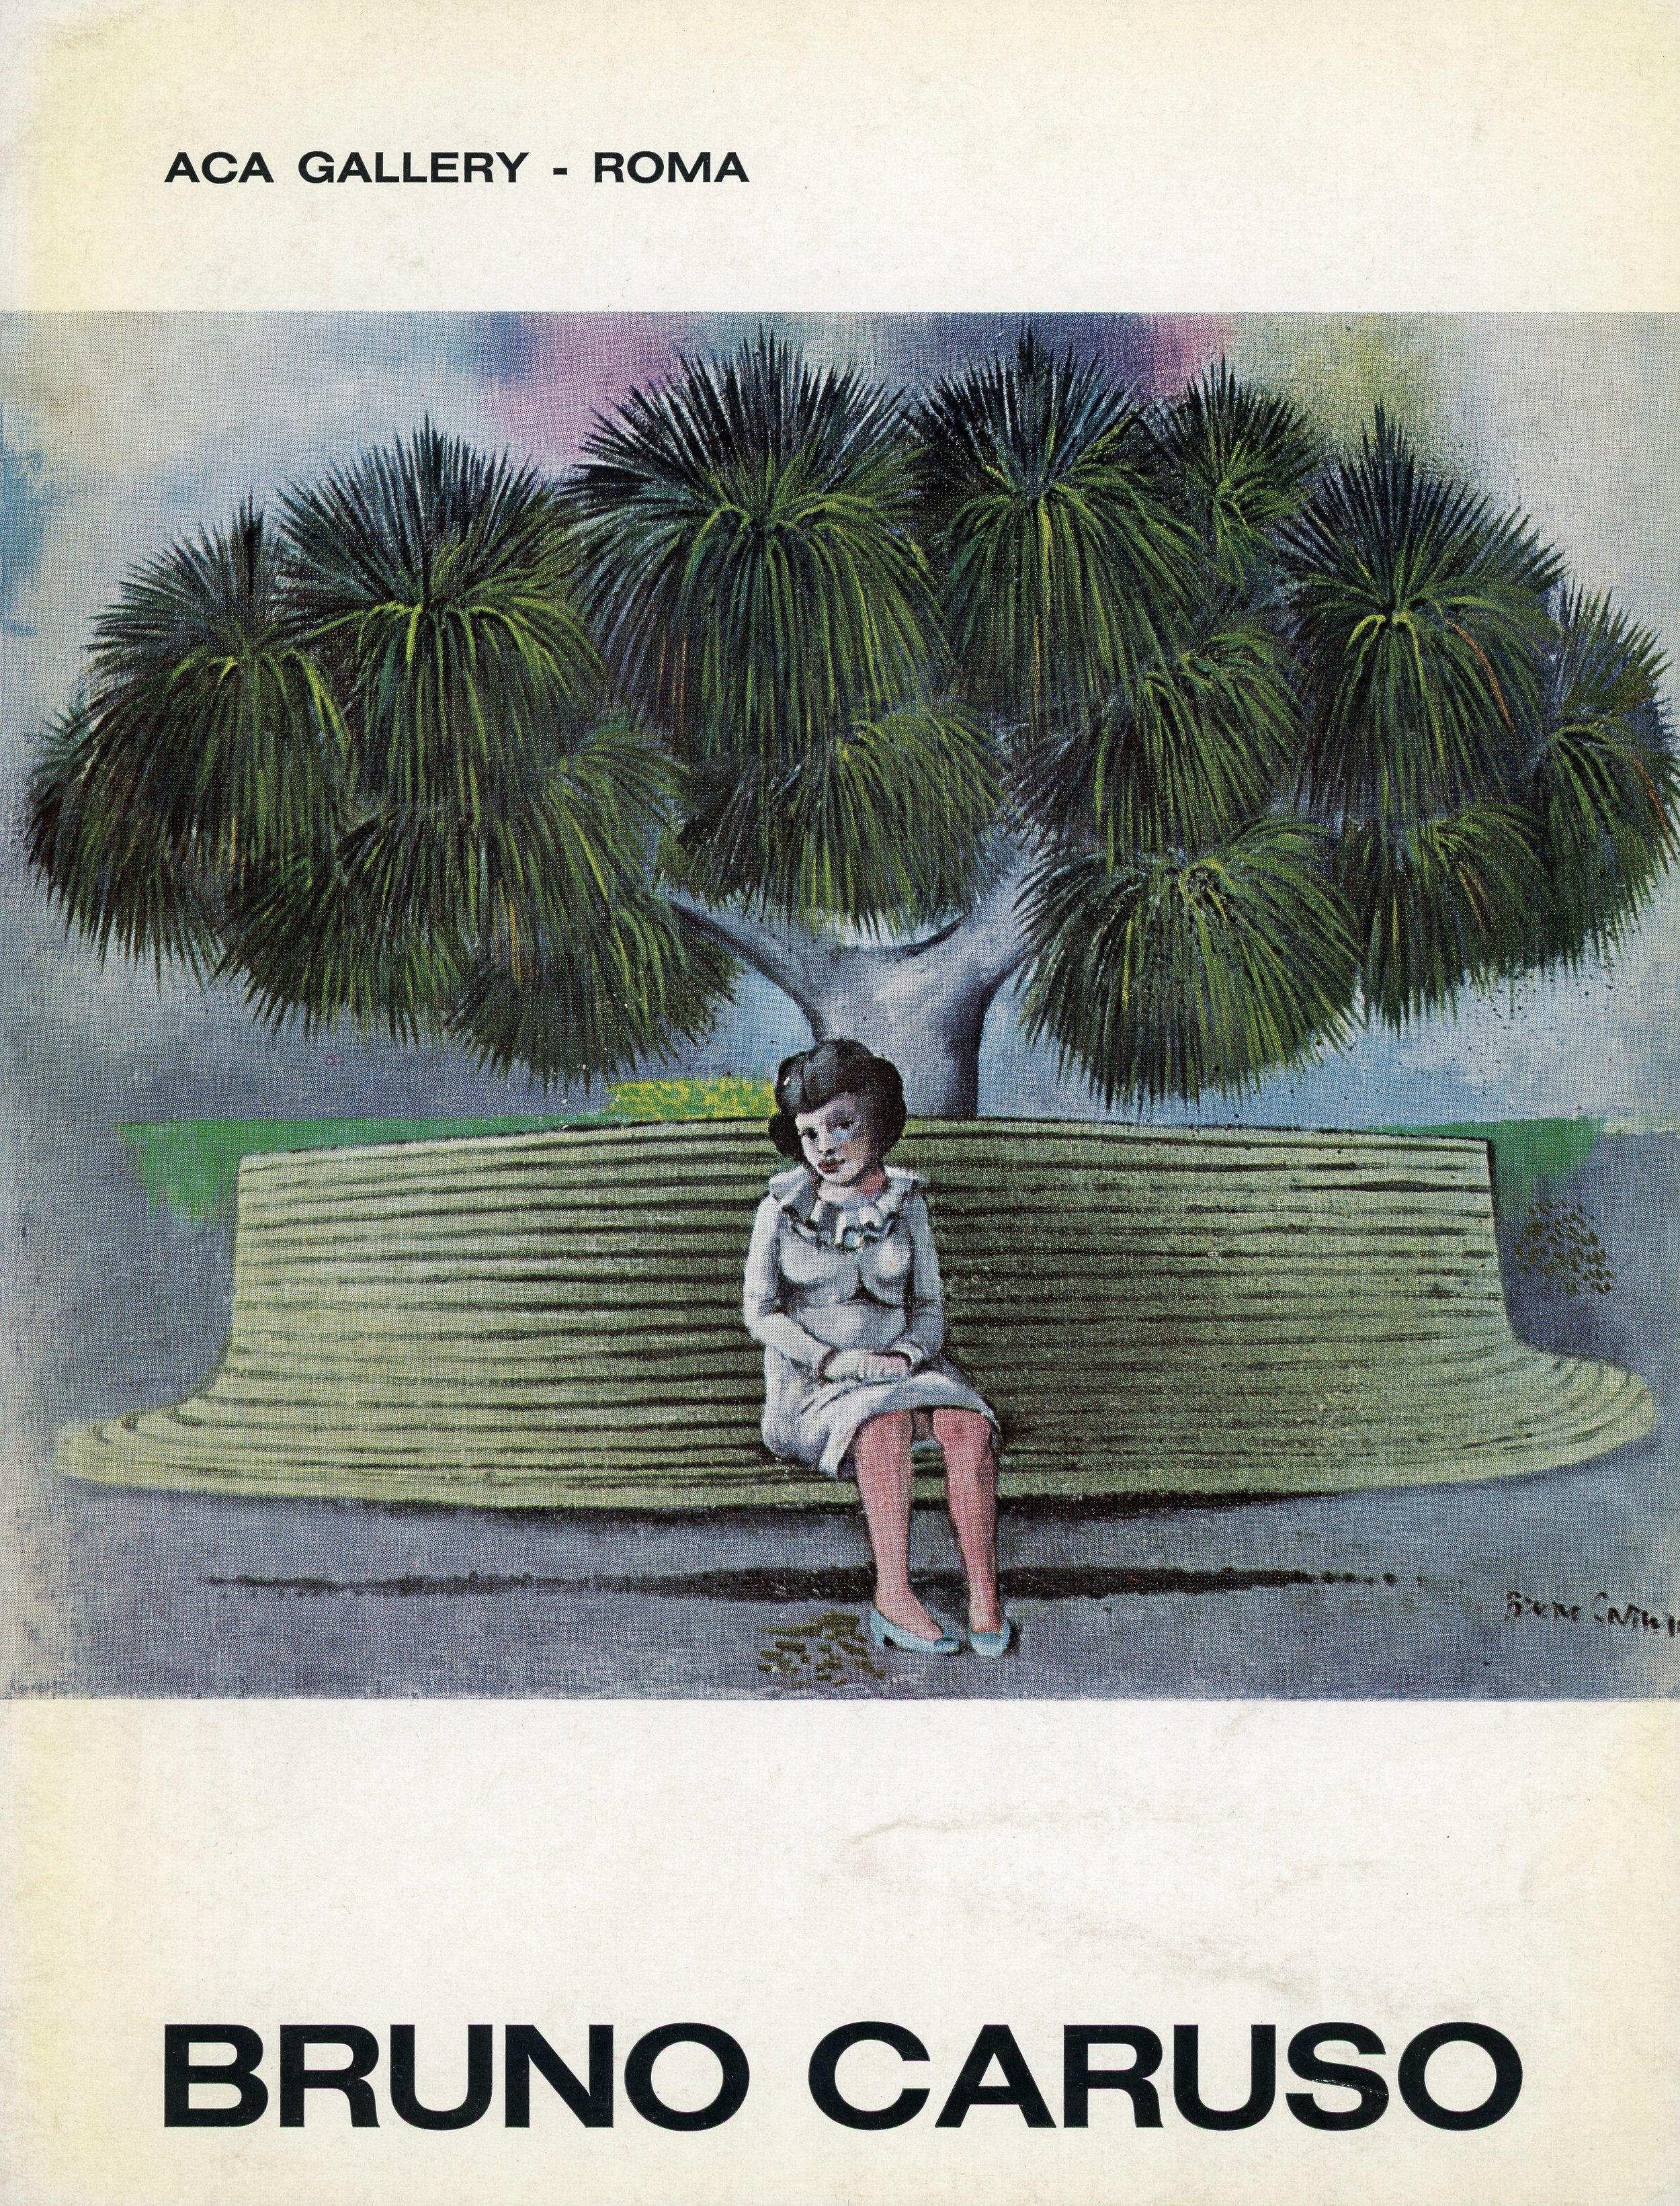 1964-05 Aca Gallery - Bruno Caruso_01.jpg